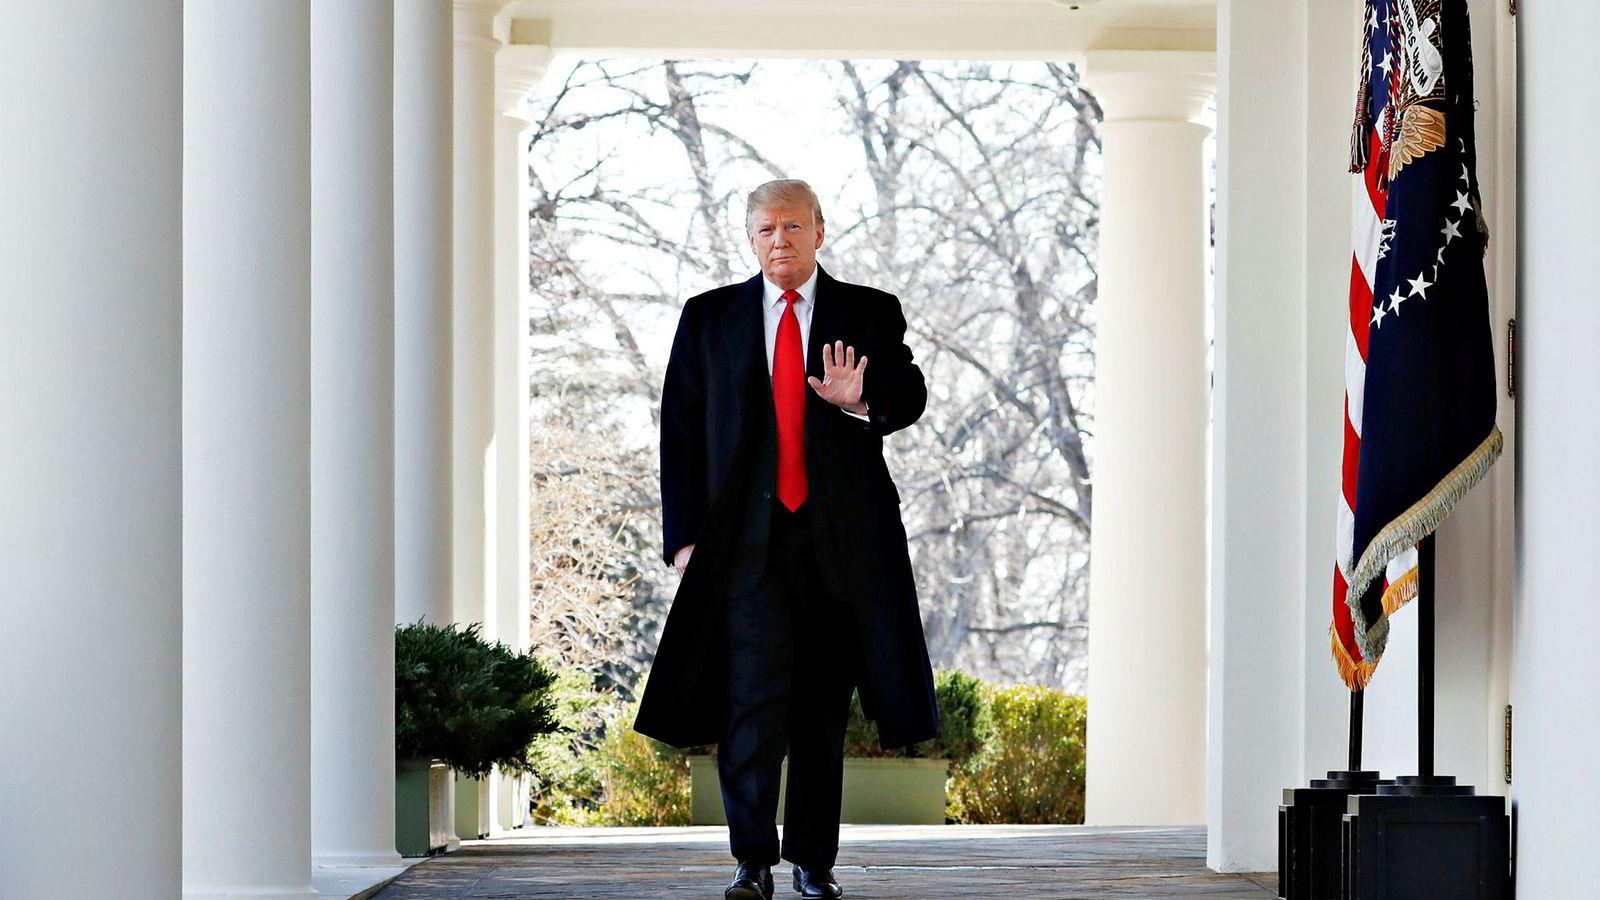 President Donald Trump går gjennom søylegangen utenfor det ovale kontoret. Demokratene begynner nå med å stille motkandidater til valget i 2020 i USA. Utfordrerne kan bli mange.